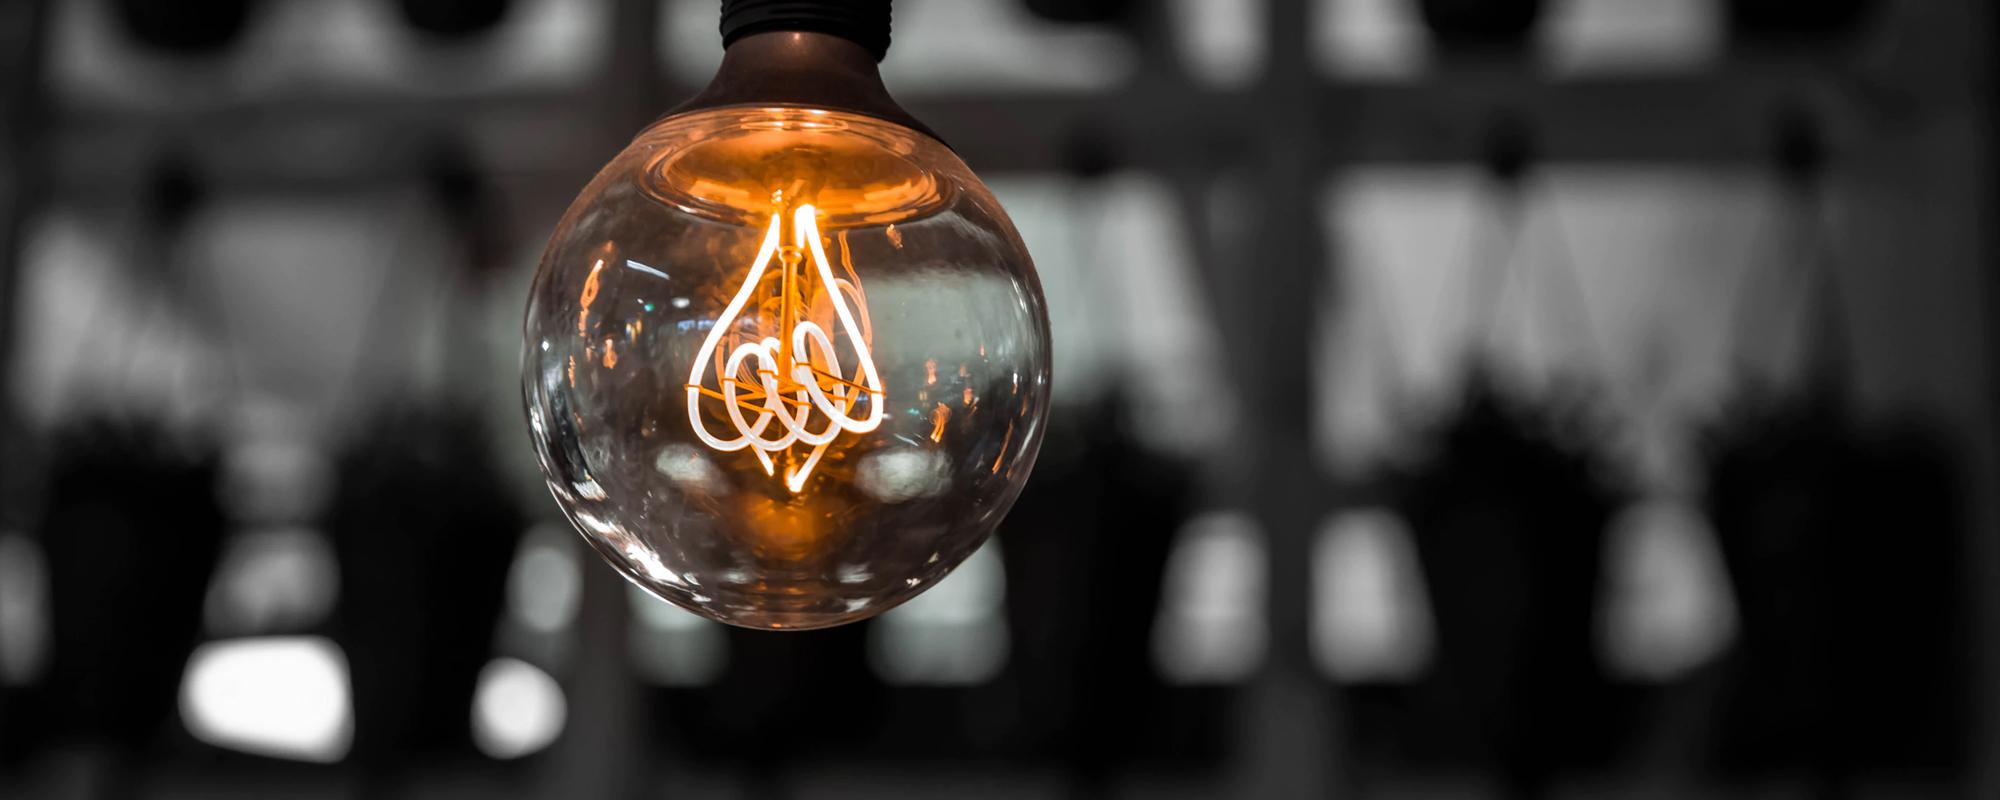 Customer-Driven Innovation